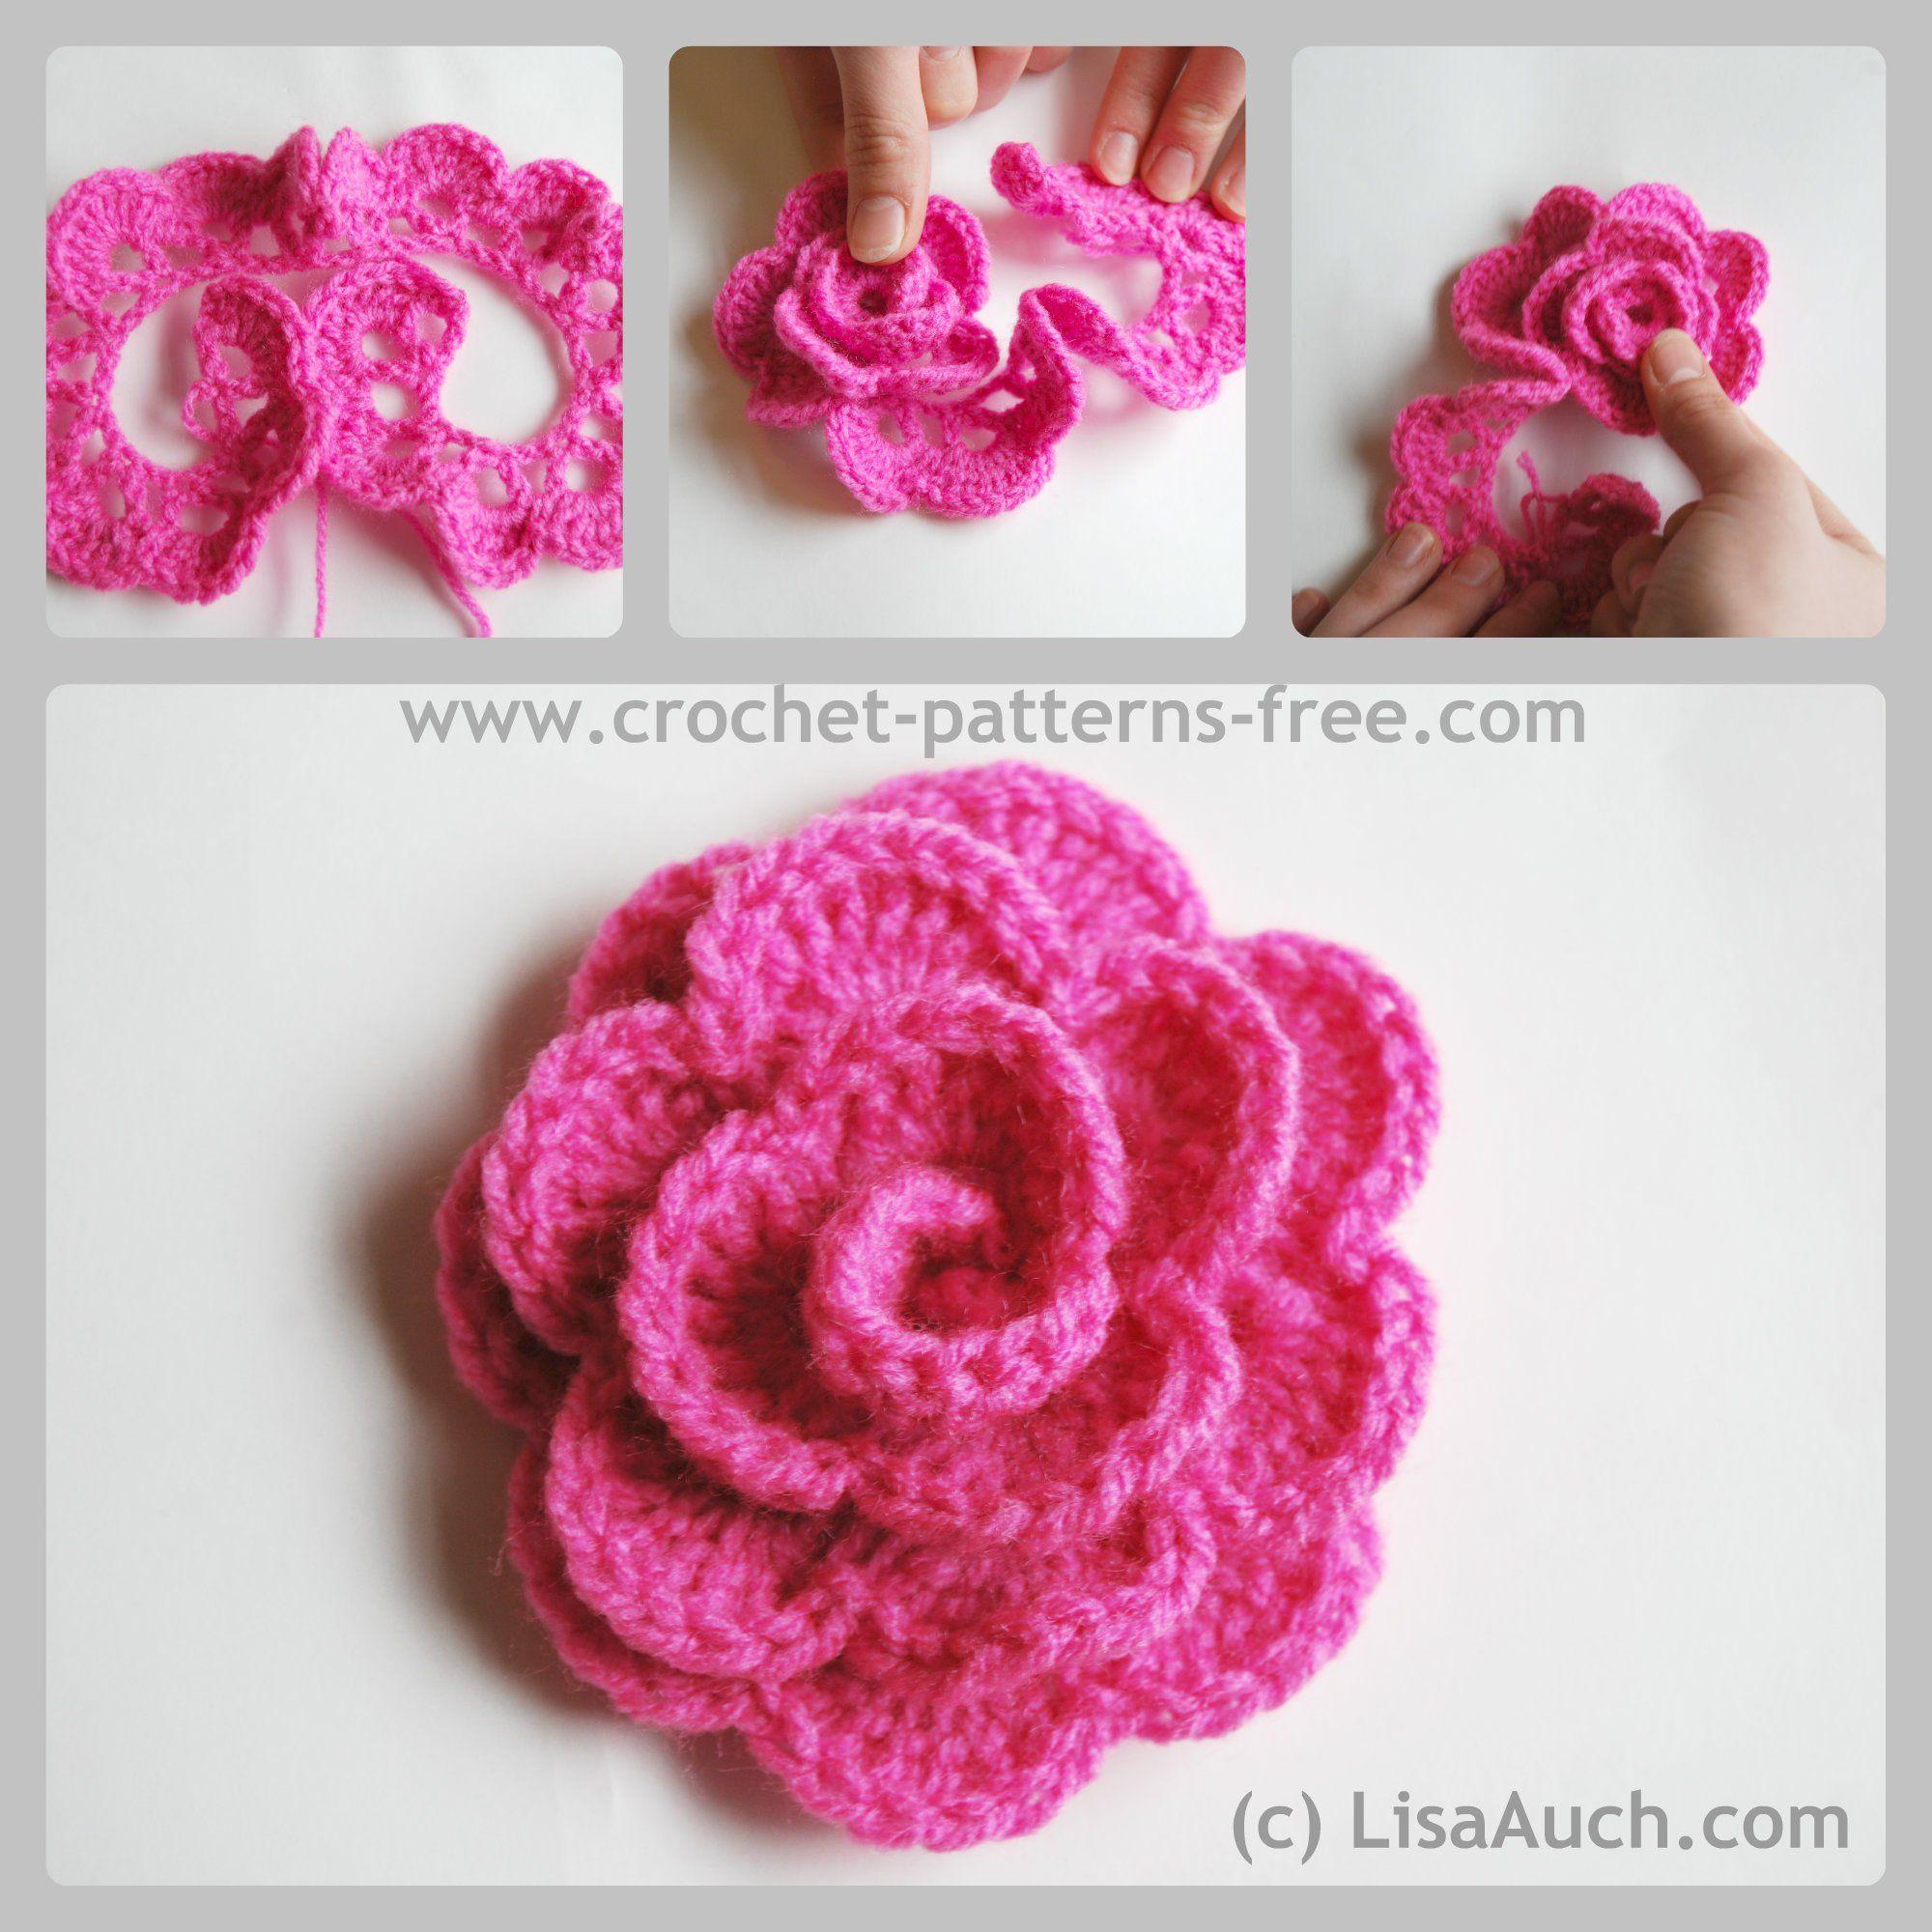 Free crochet flower patterns free crochet flower patterns free crochet flower patterns bankloansurffo Gallery